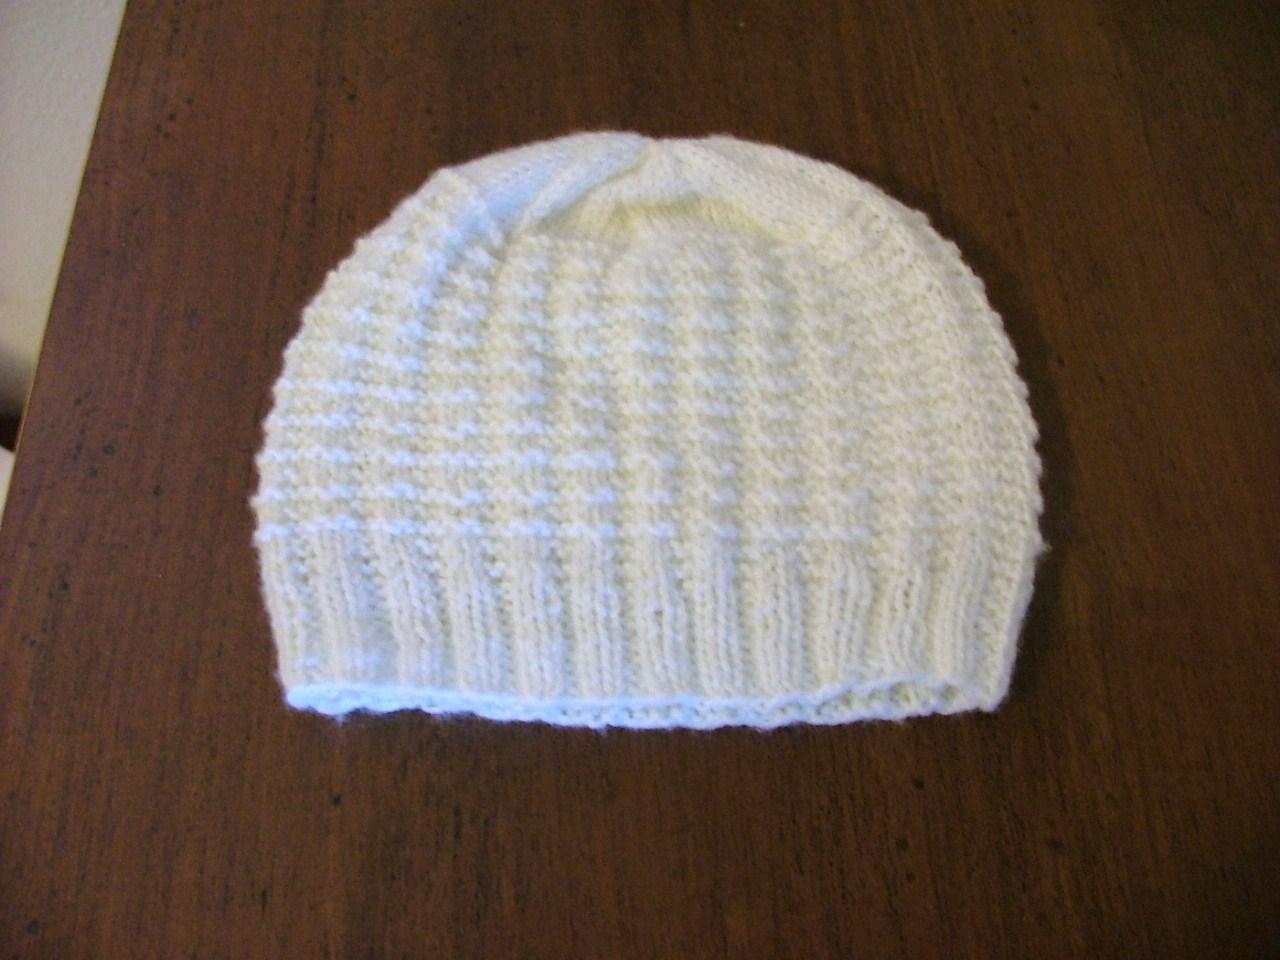 Popolare filoturchino: 3 cappellini neonato JV37